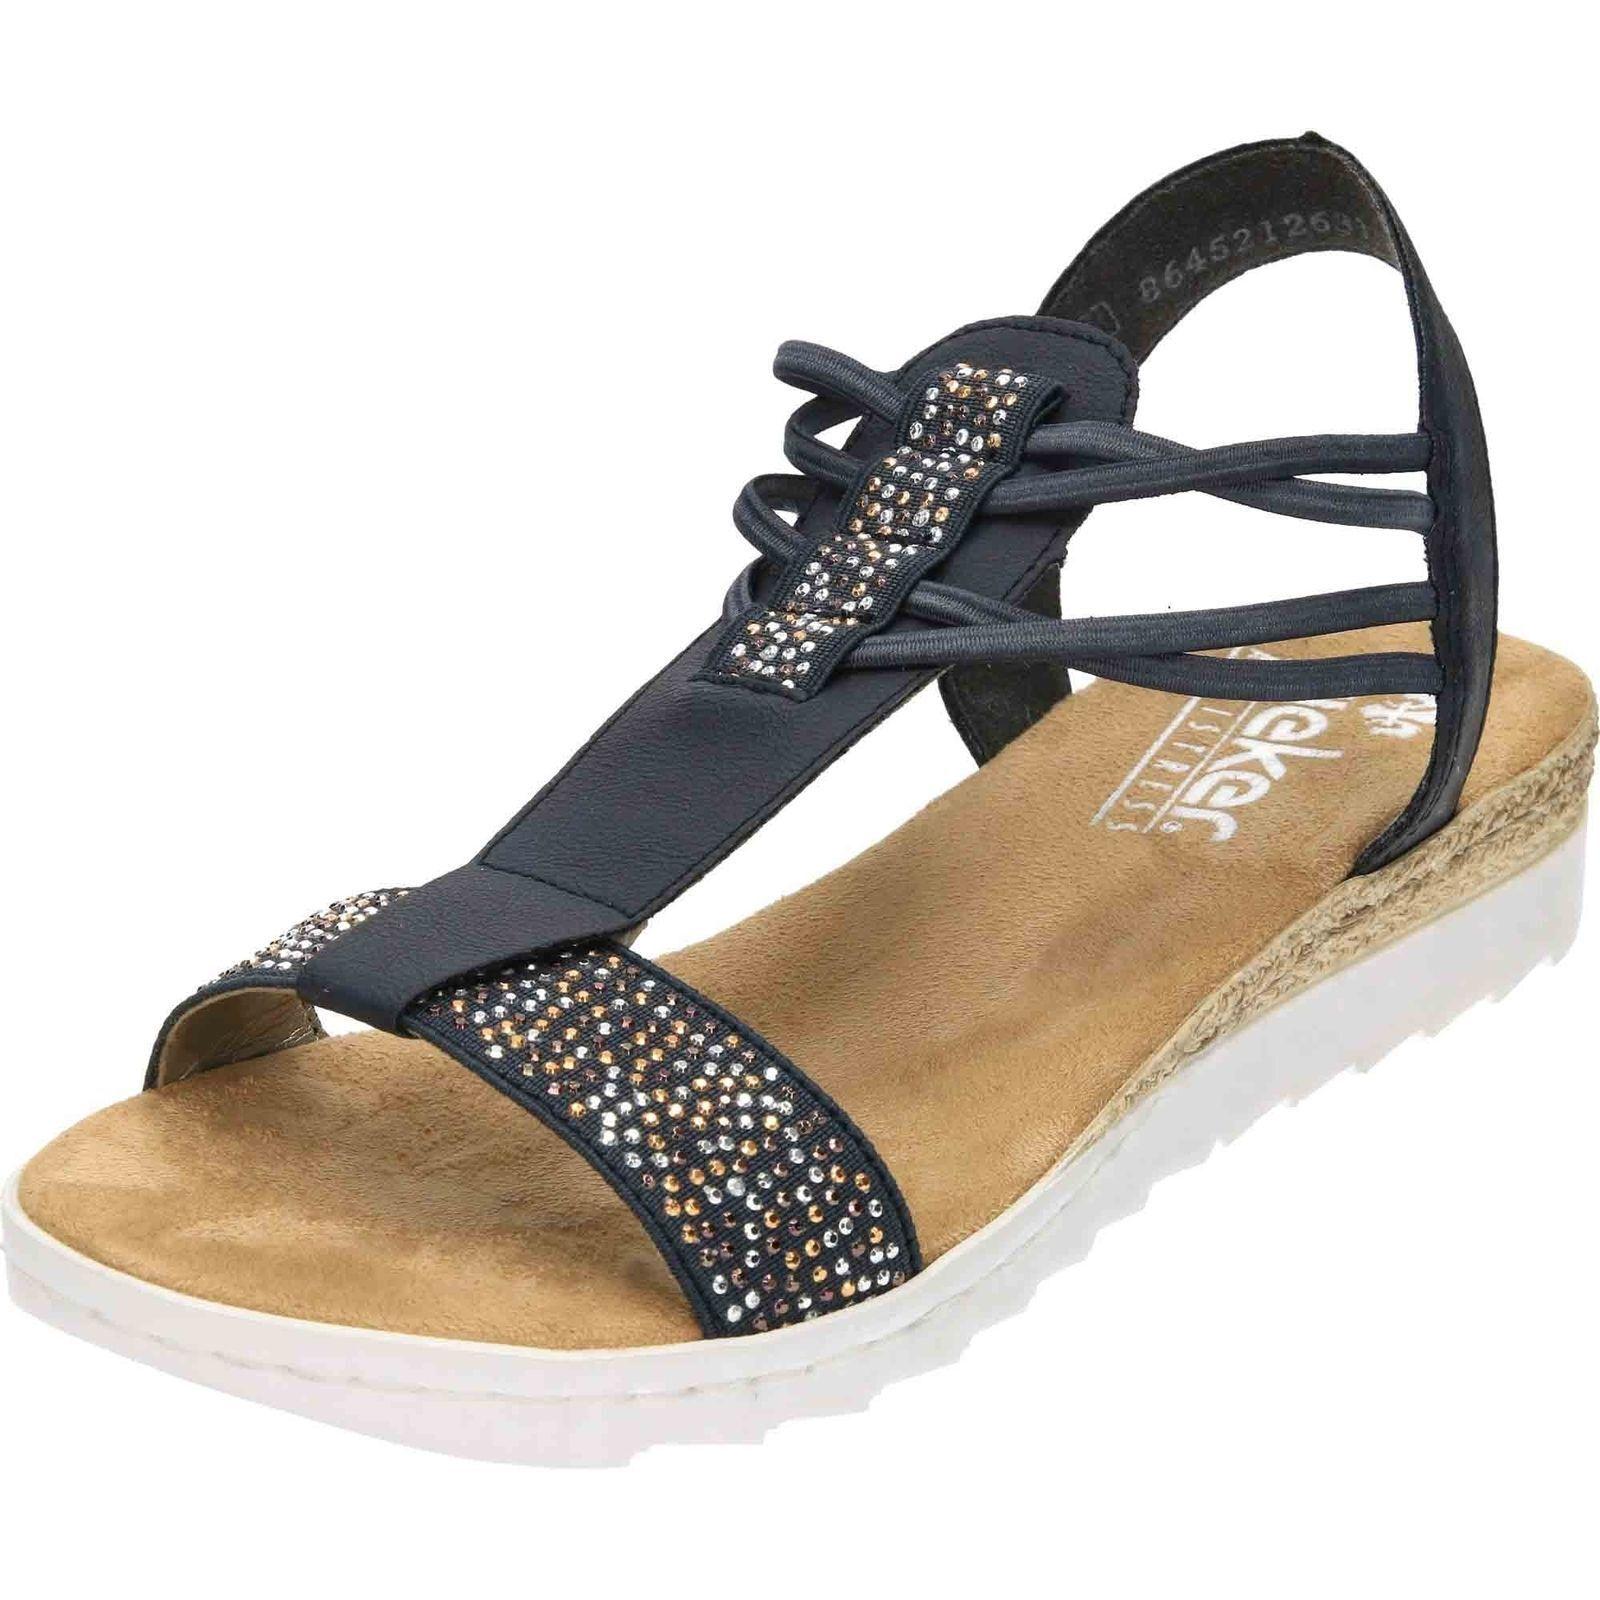 Donna blu open Reiker toe con elastico anti stress Reiker open Sandali 63062 3ca855